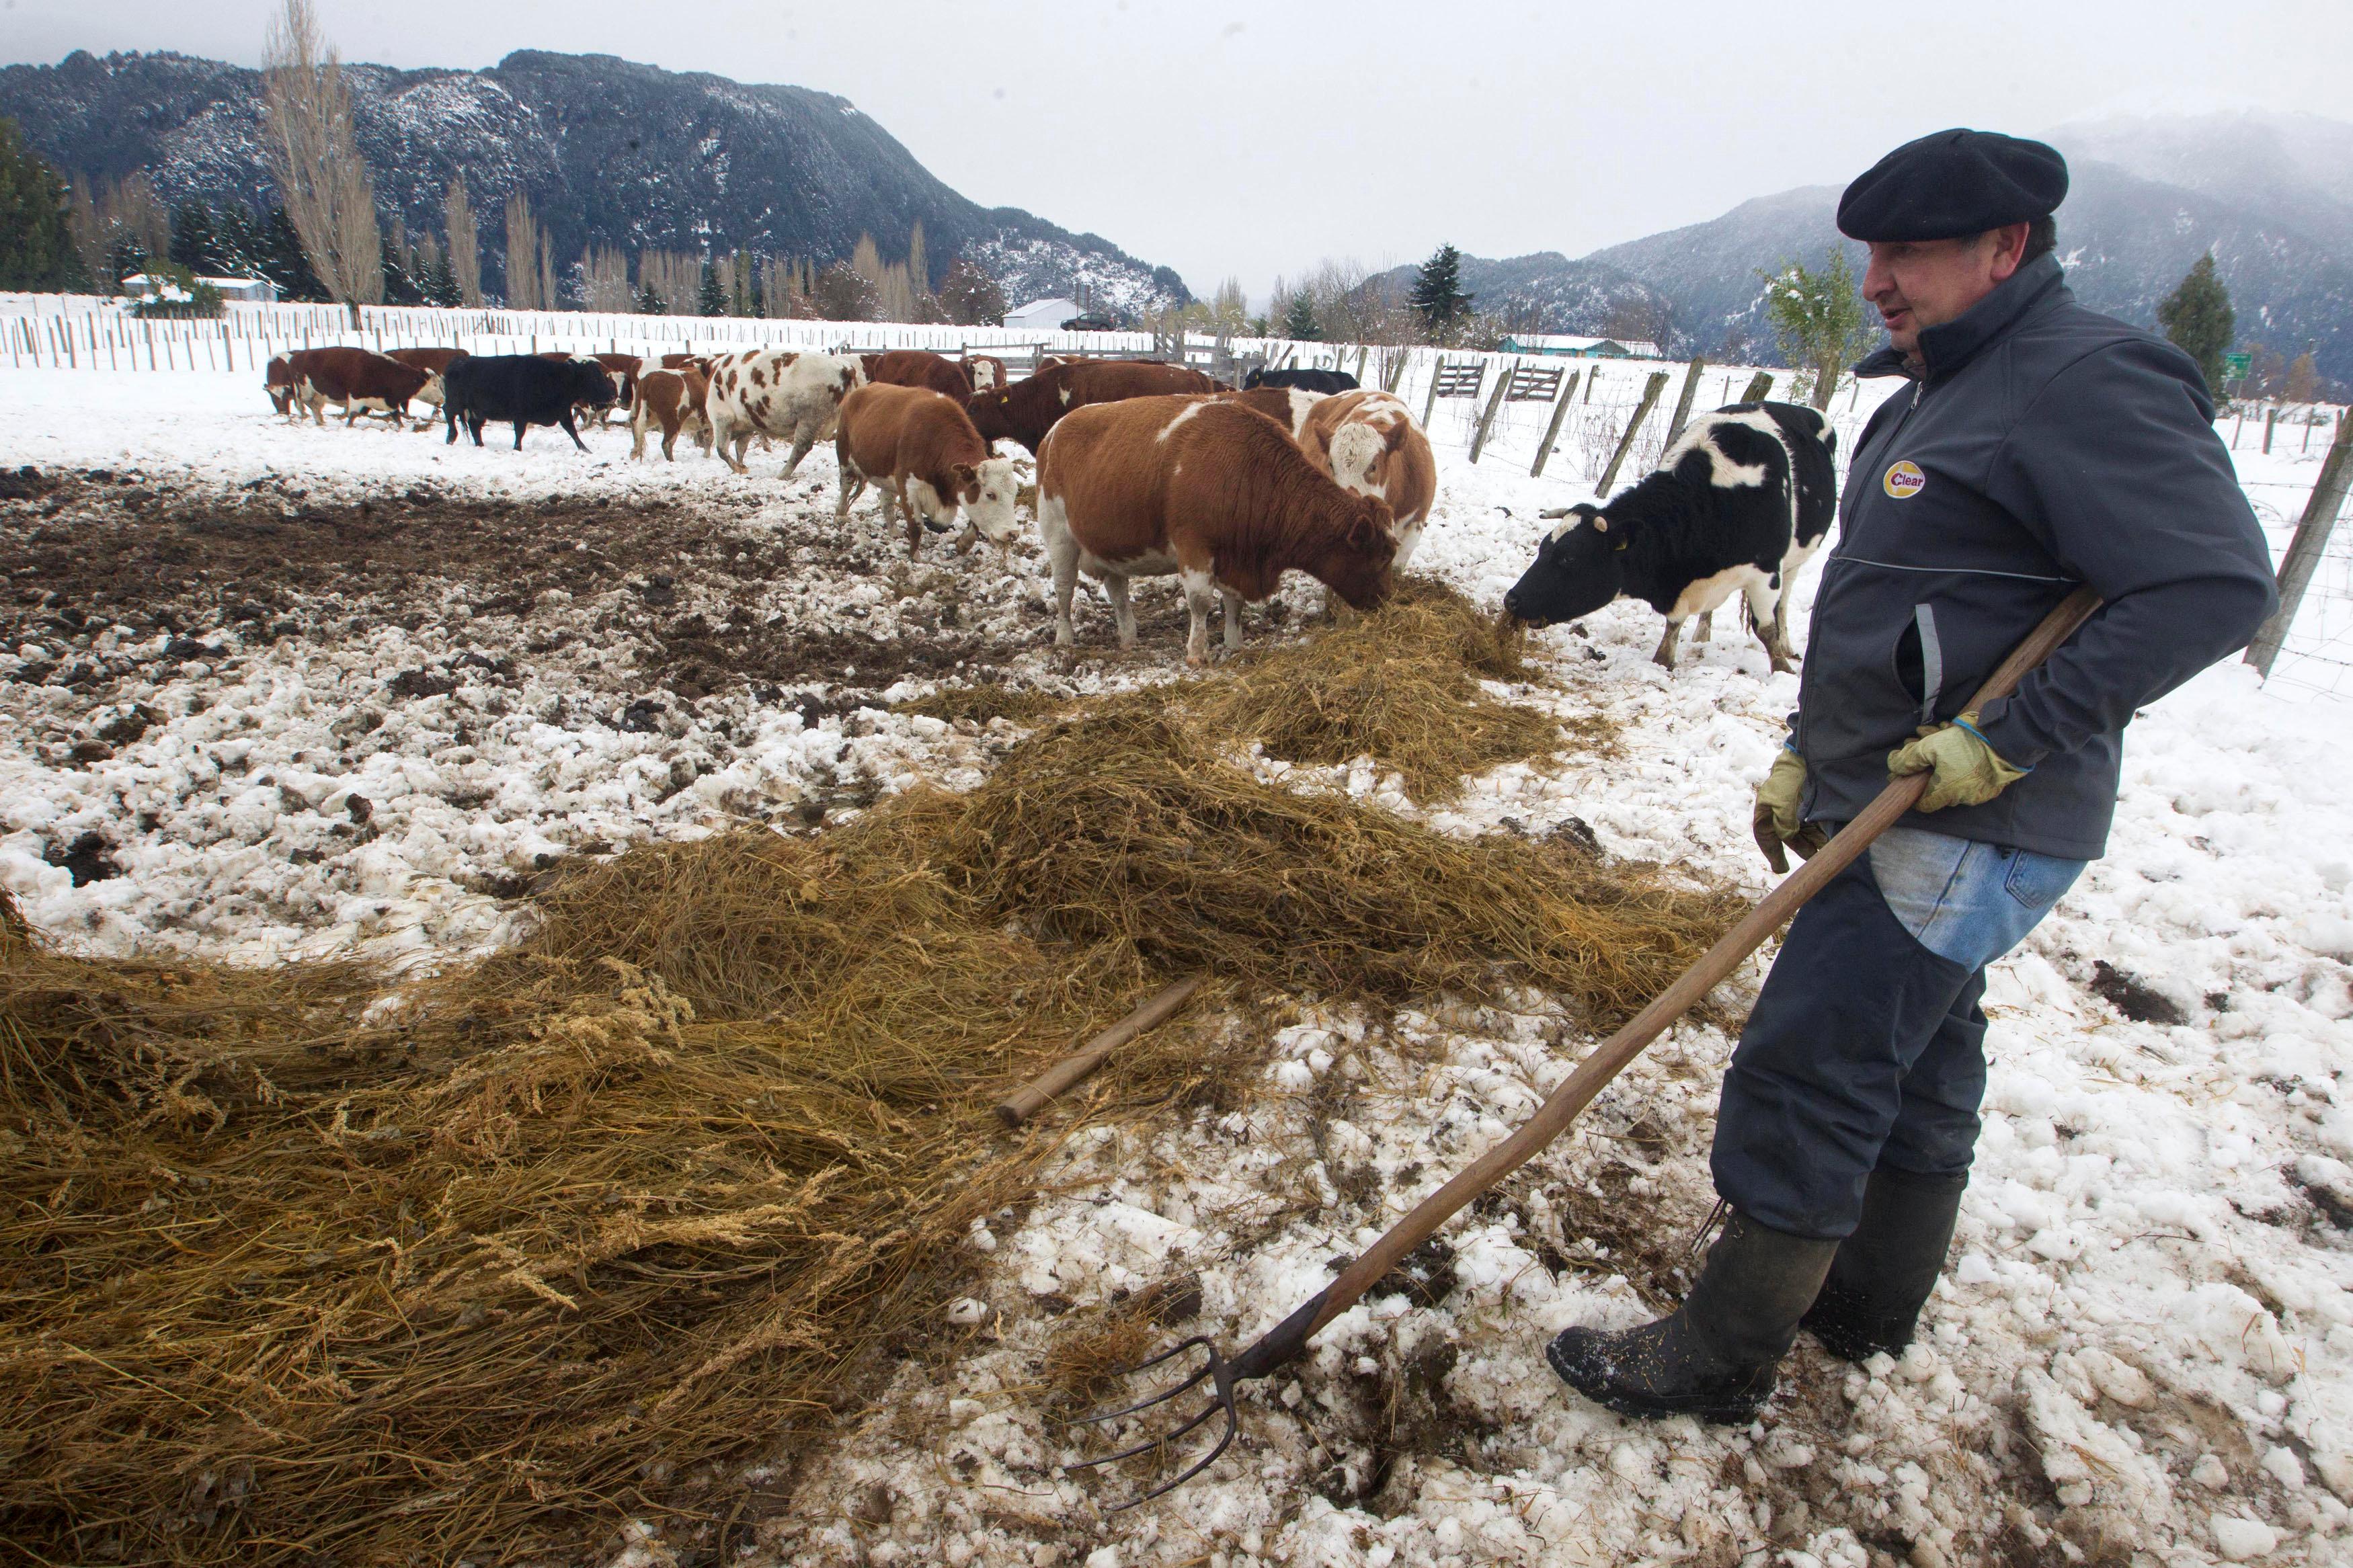 شخص يرعى أبقاره وسط الثلوج